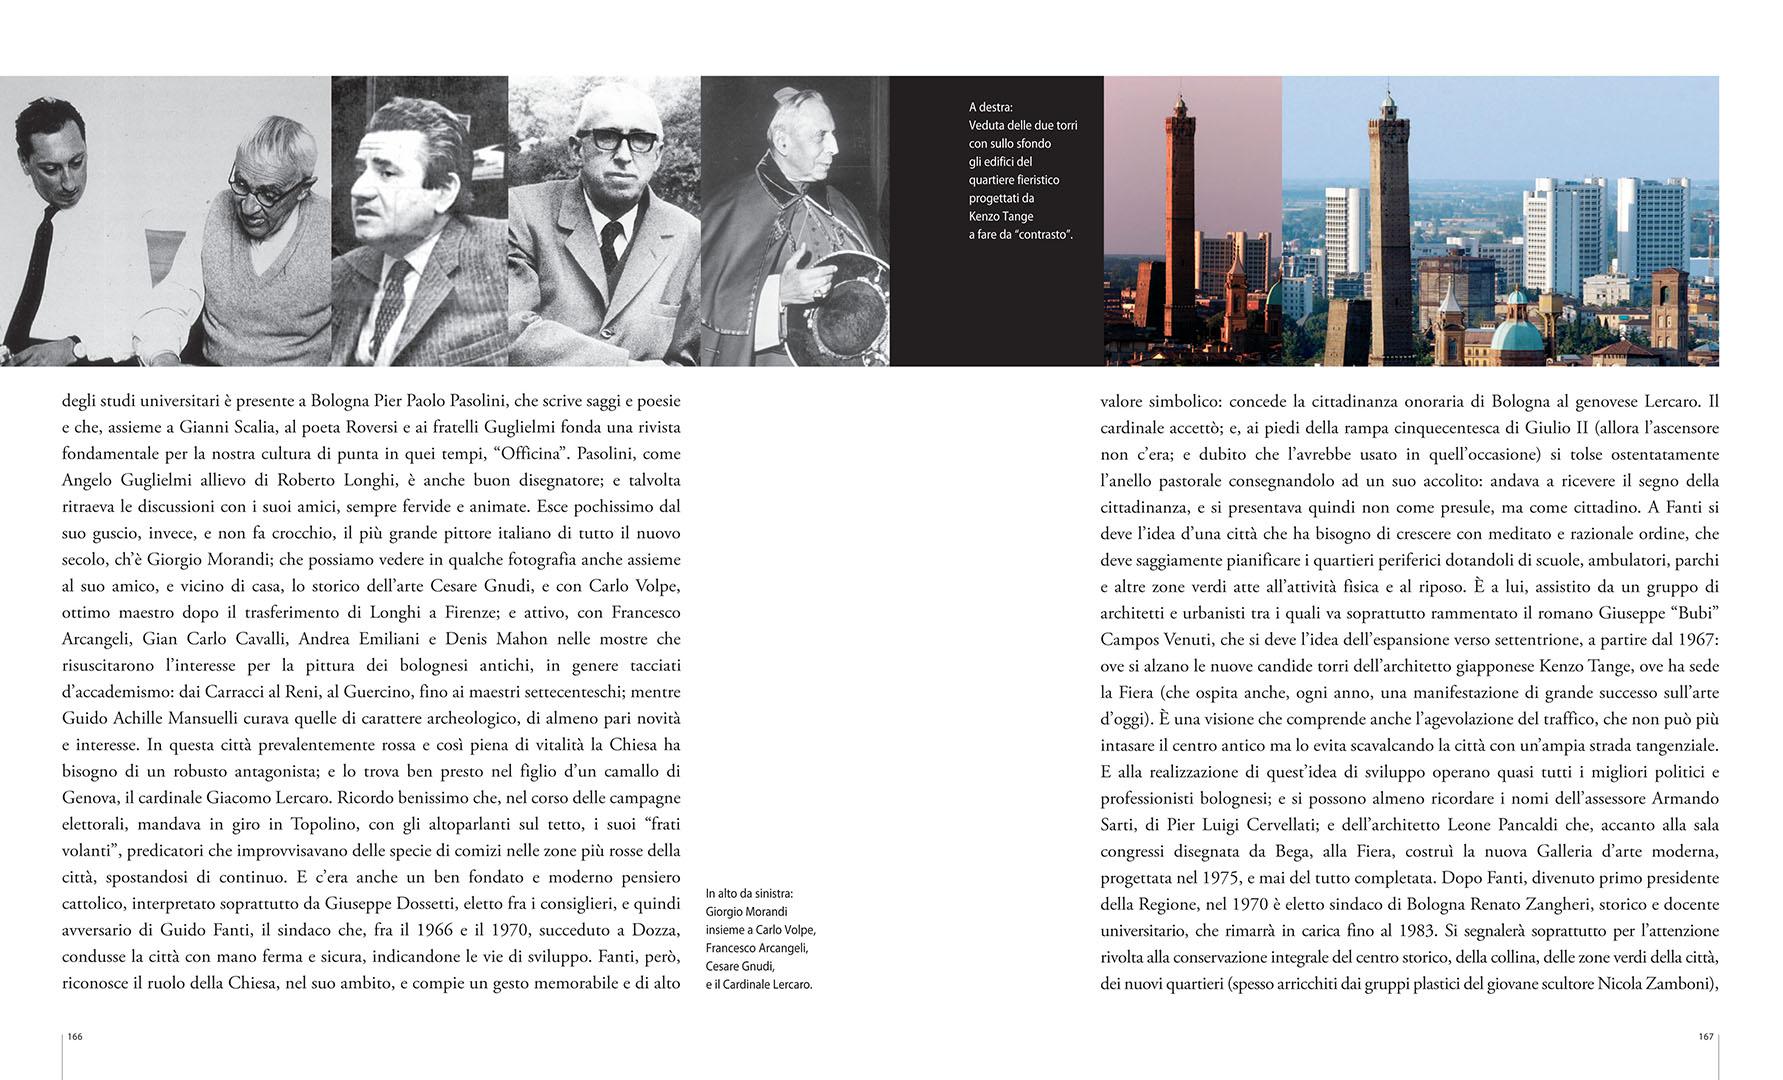 ESECUTIVO capitolo4 BONARRATA.indd